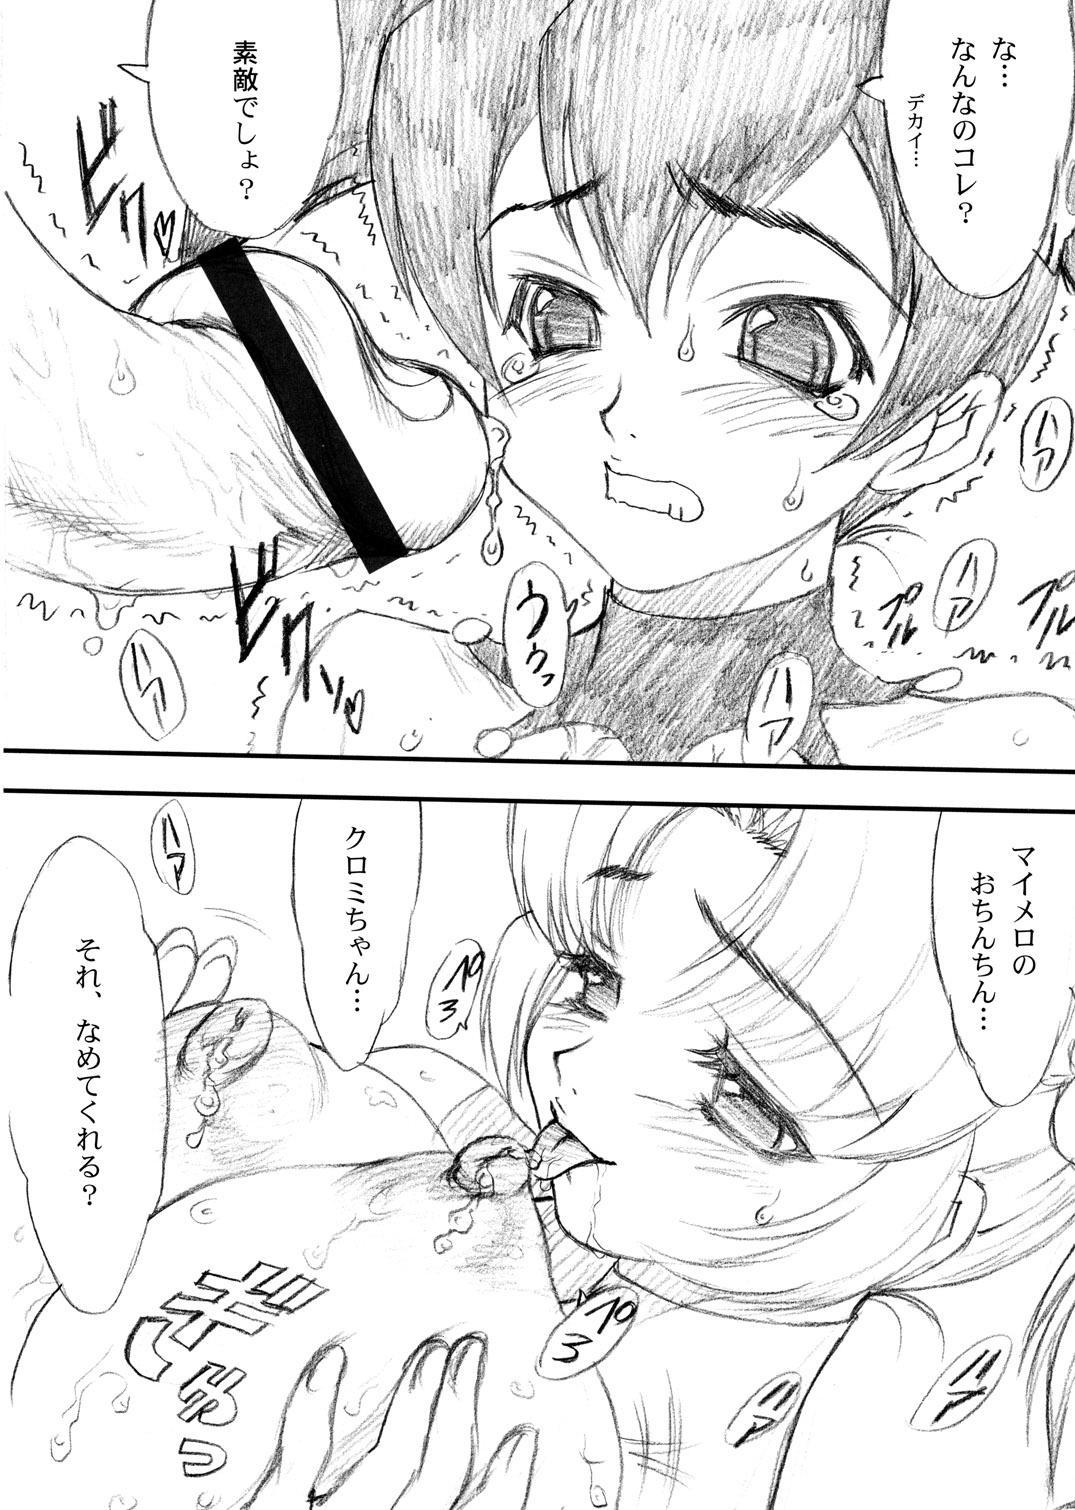 Yorokobi no Kuni vol.06 24